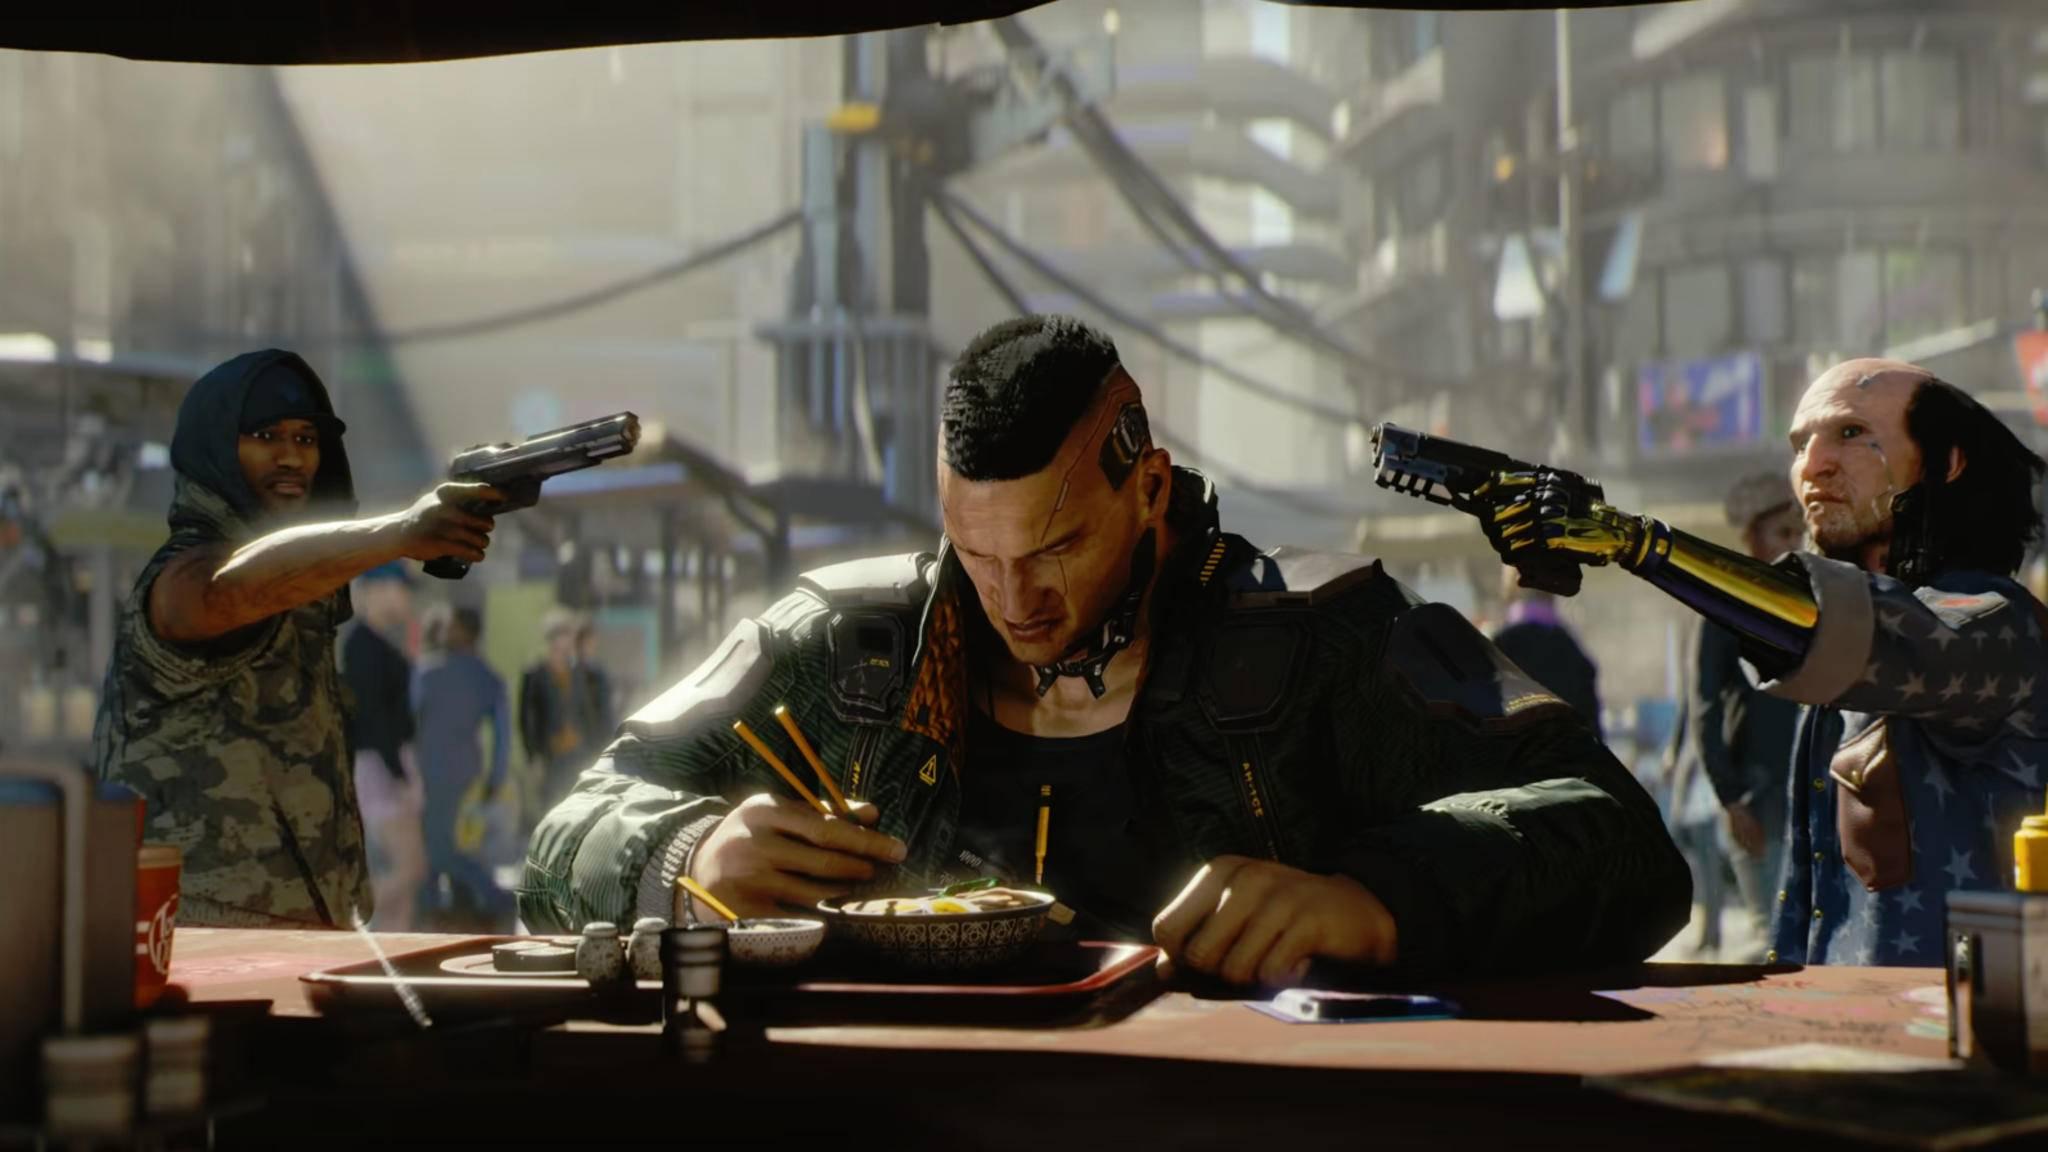 """""""Cyberpunk 2077"""" wird laut den Entwicklern brutal und ziemlich blutig."""